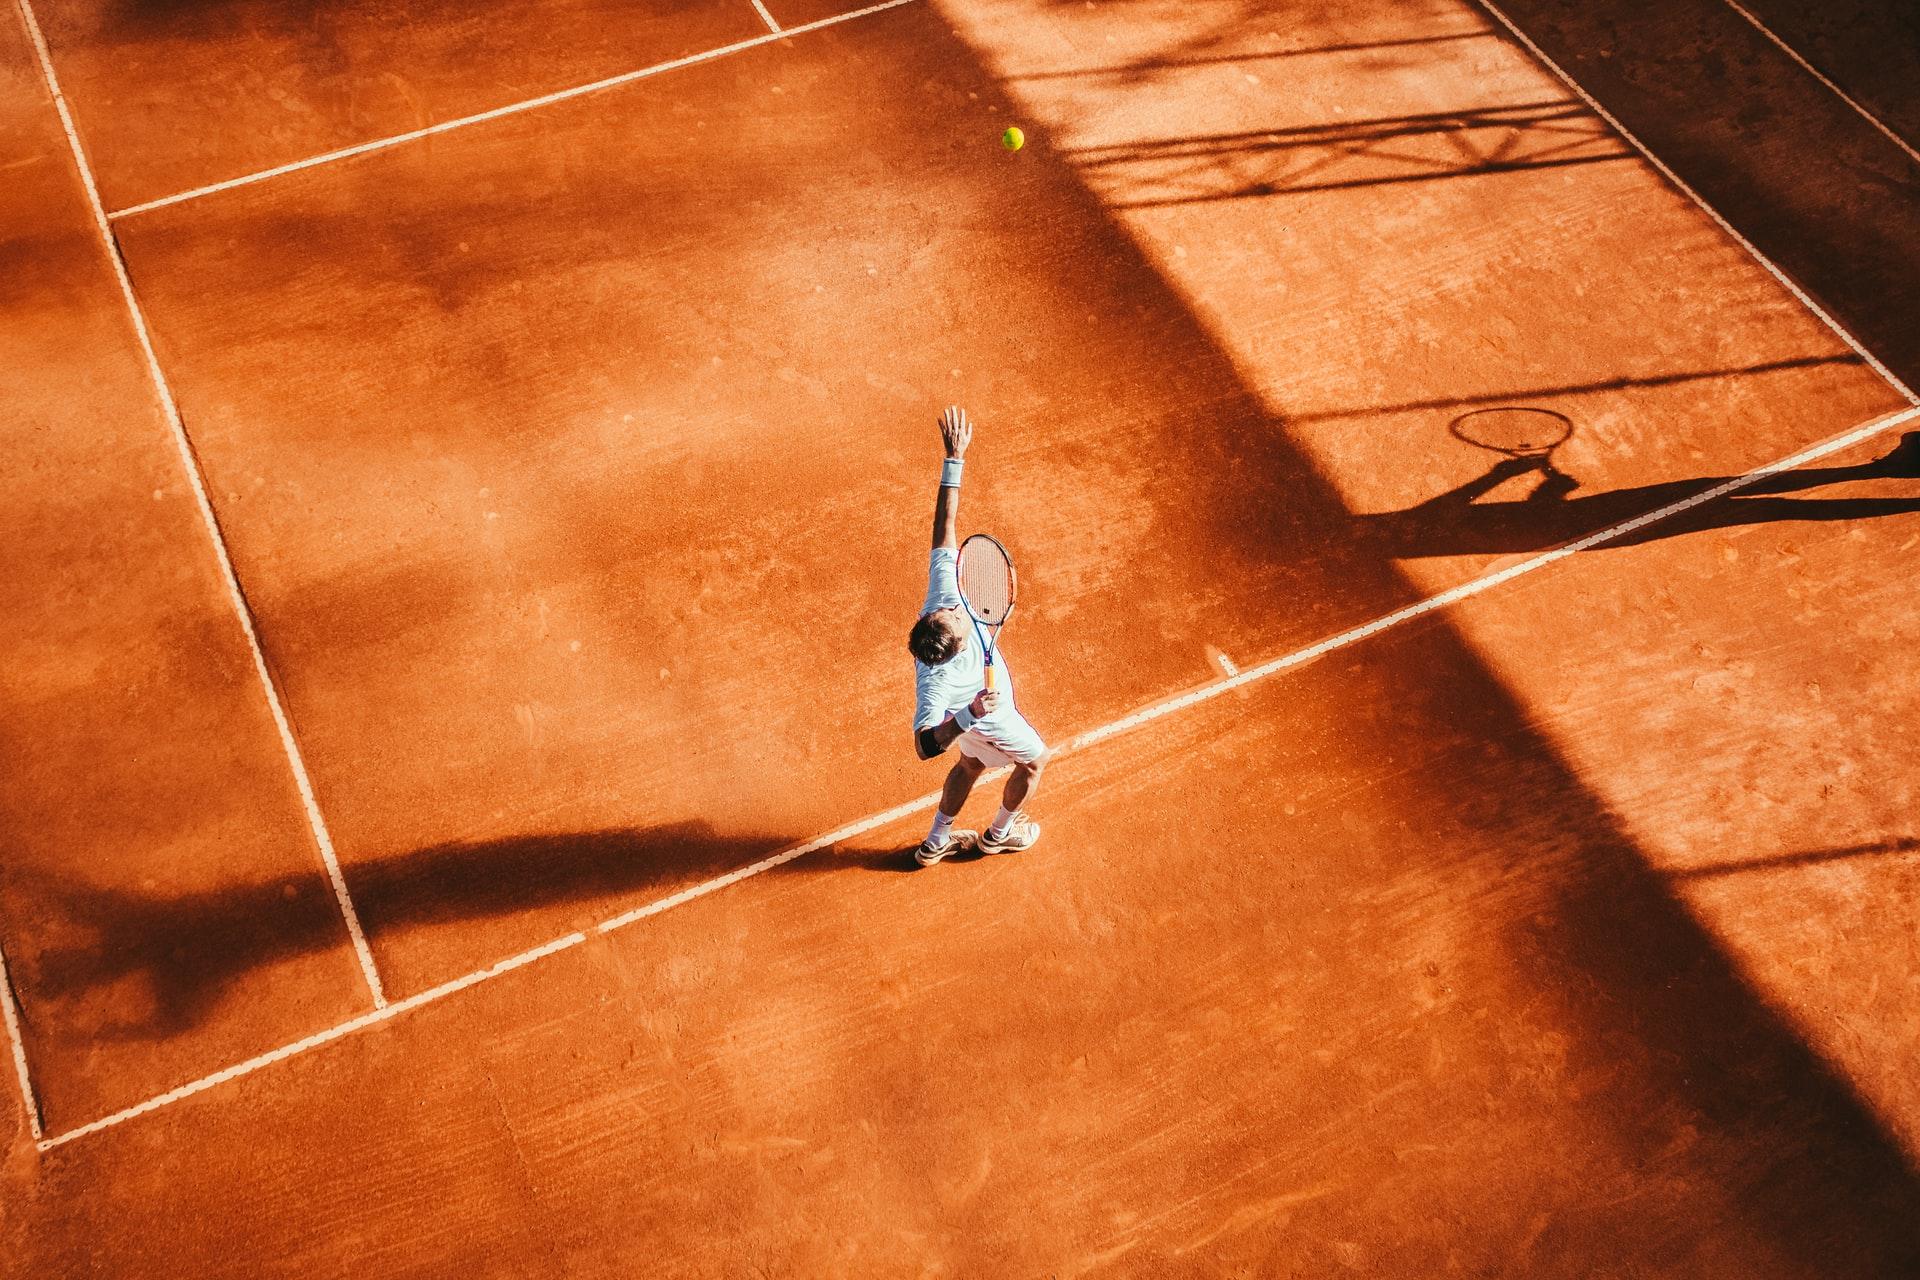 Elegir la mejor raqueta es fundamental para tener un buen desempeño en la cancha.